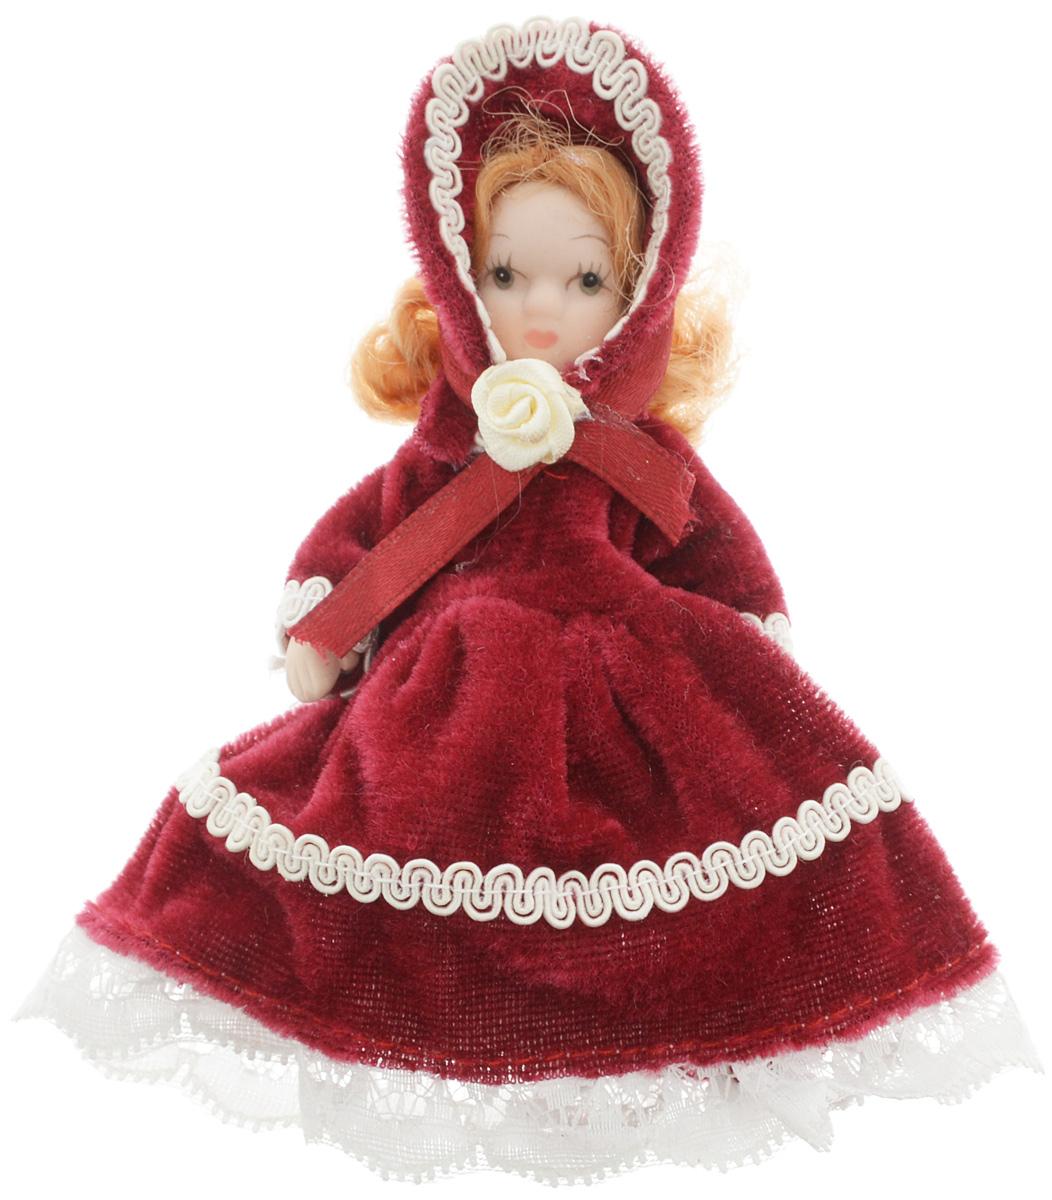 Фигурка декоративная Lovemark Кукла, цвет: бордовый, белый, высота 10 см. 2471924719_бордовыйФигурка декоративная Lovemark Кукла изготовлена из керамики в виде куклы с кудрявыми золотистыми волосами, большими глазами и ресницами. Куколка одета в длинное бархатное платье, декорированное белой тесьмой и бантиком в виде розы, и коктейльную шапочку. Вы можете поставить фигурку в любое место, где она будет красиво смотреться и радовать глаз. Кроме того, она станет отличным сувениром для друзей и близких. А прикрепив к ней петельку, такую куколку можно подвесить на елку.